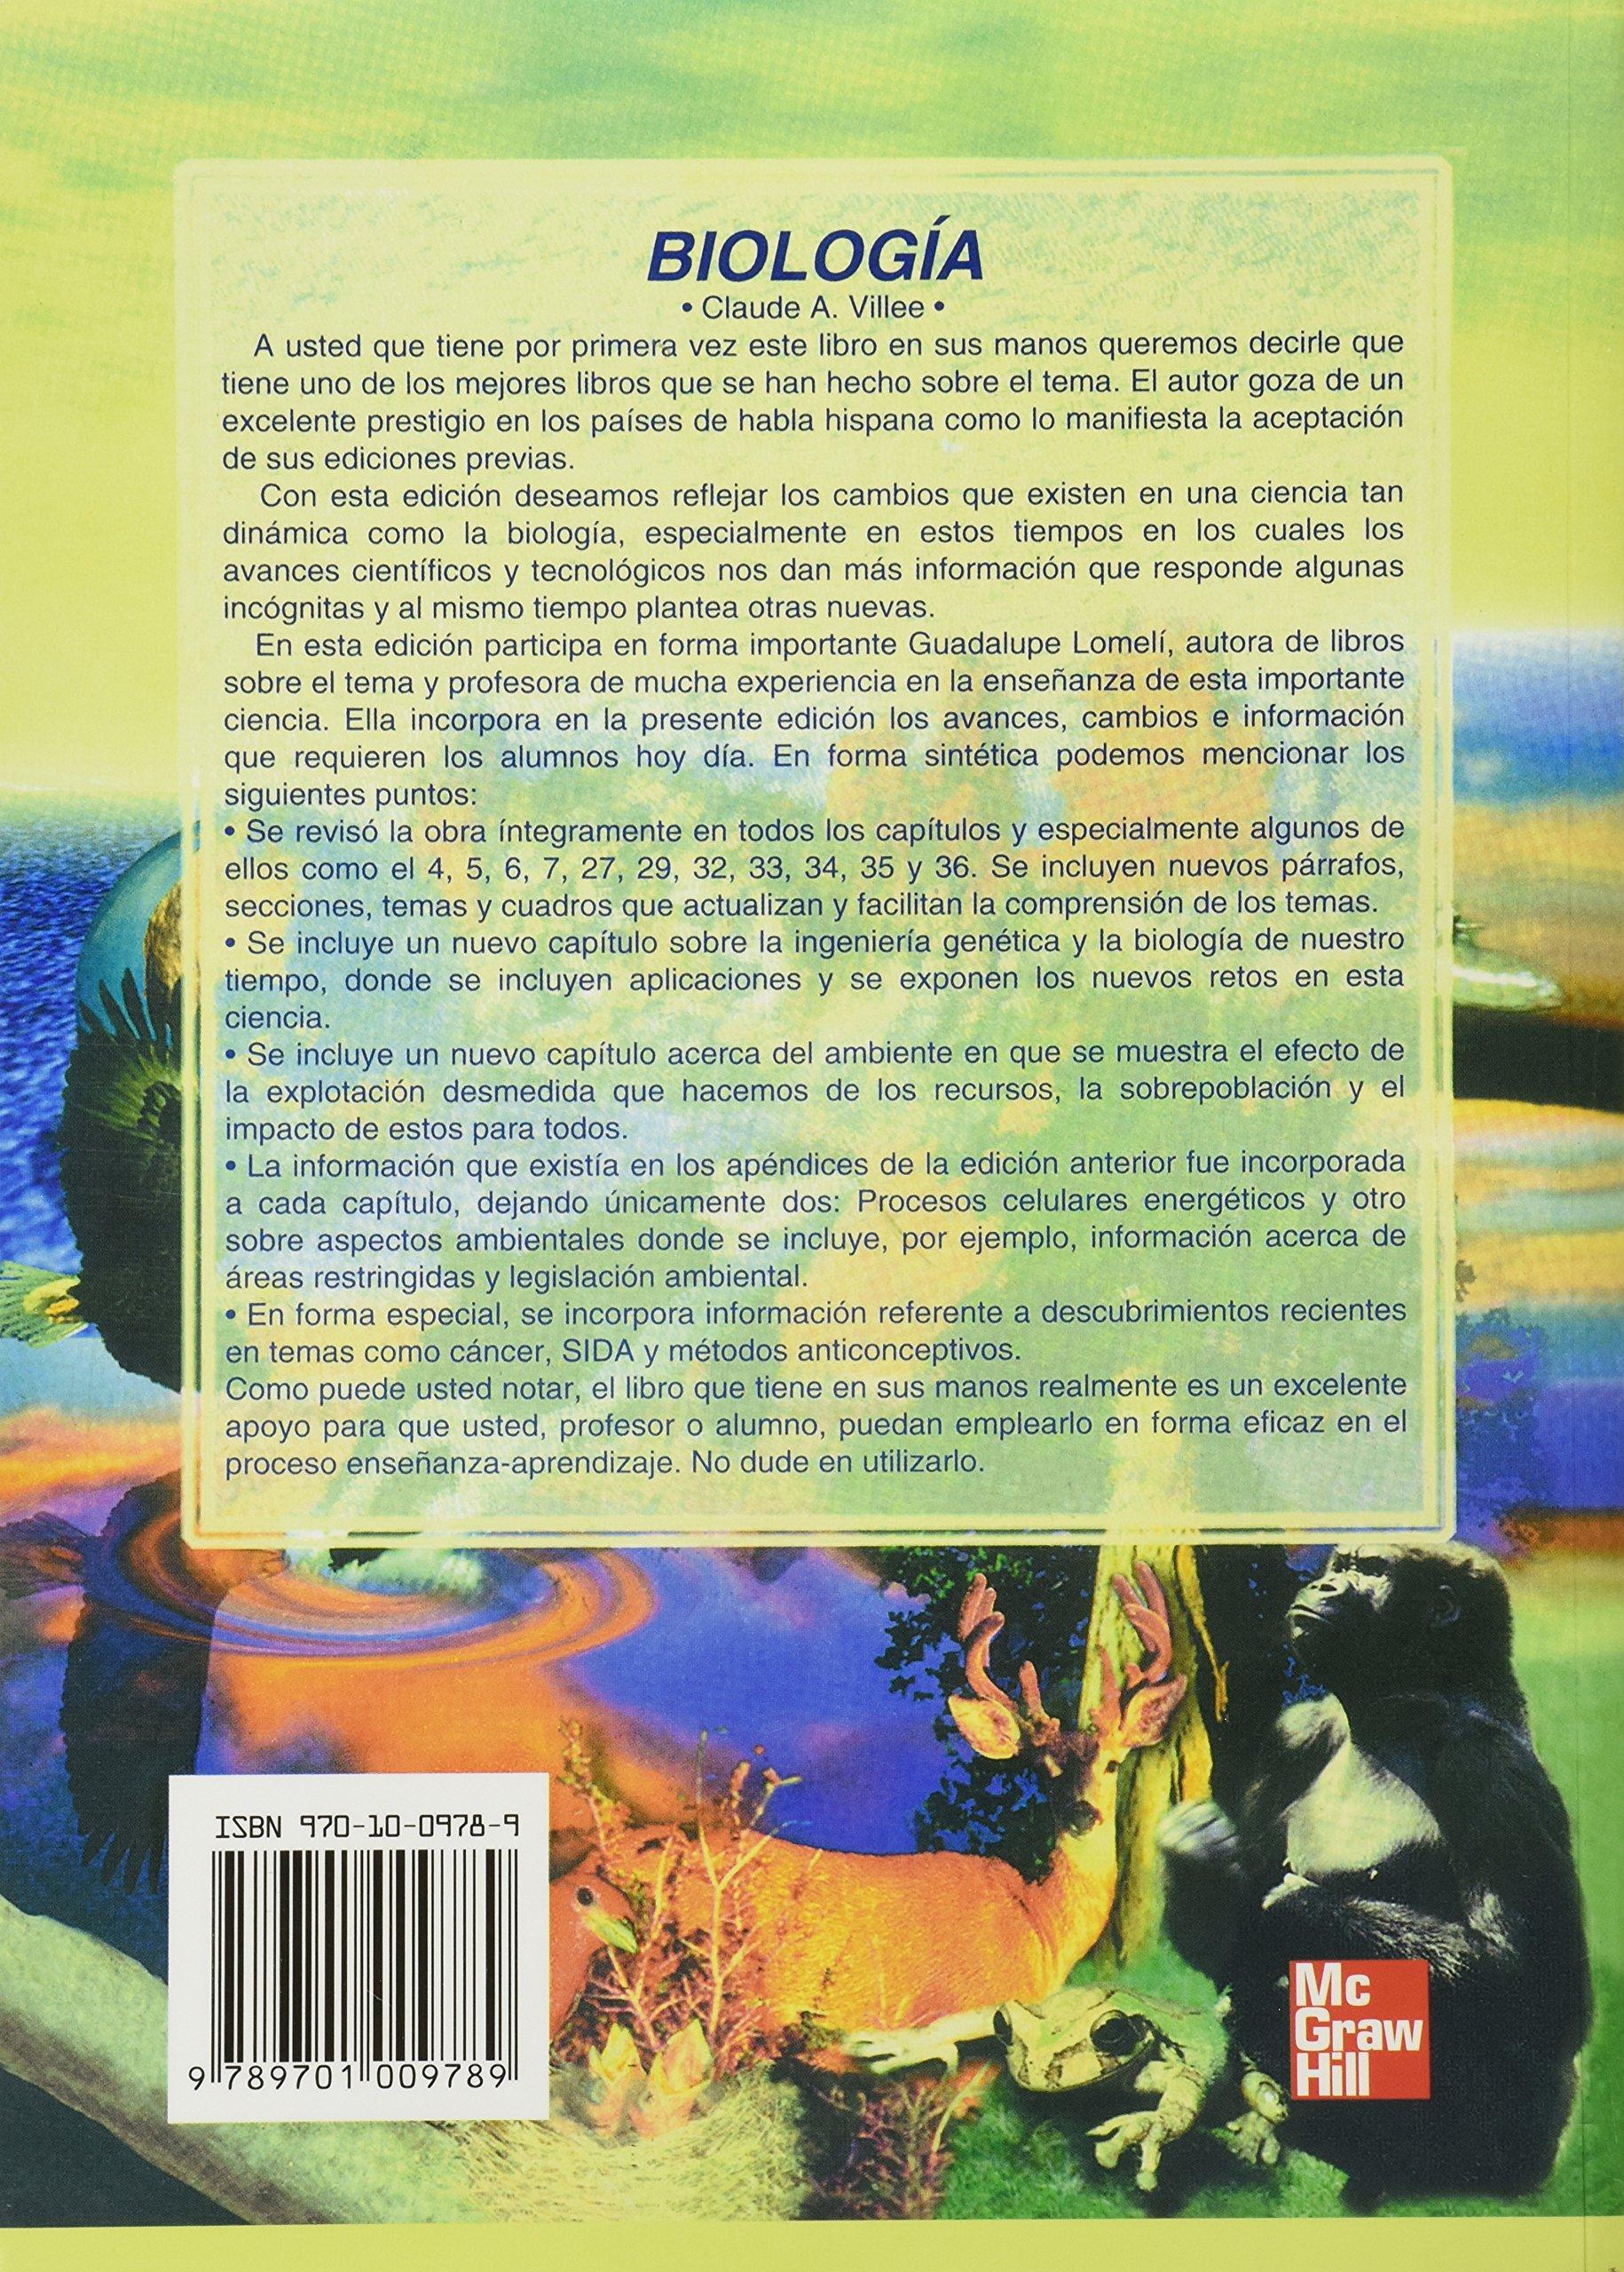 Libro De Biologia Claude Villee Pdf 25